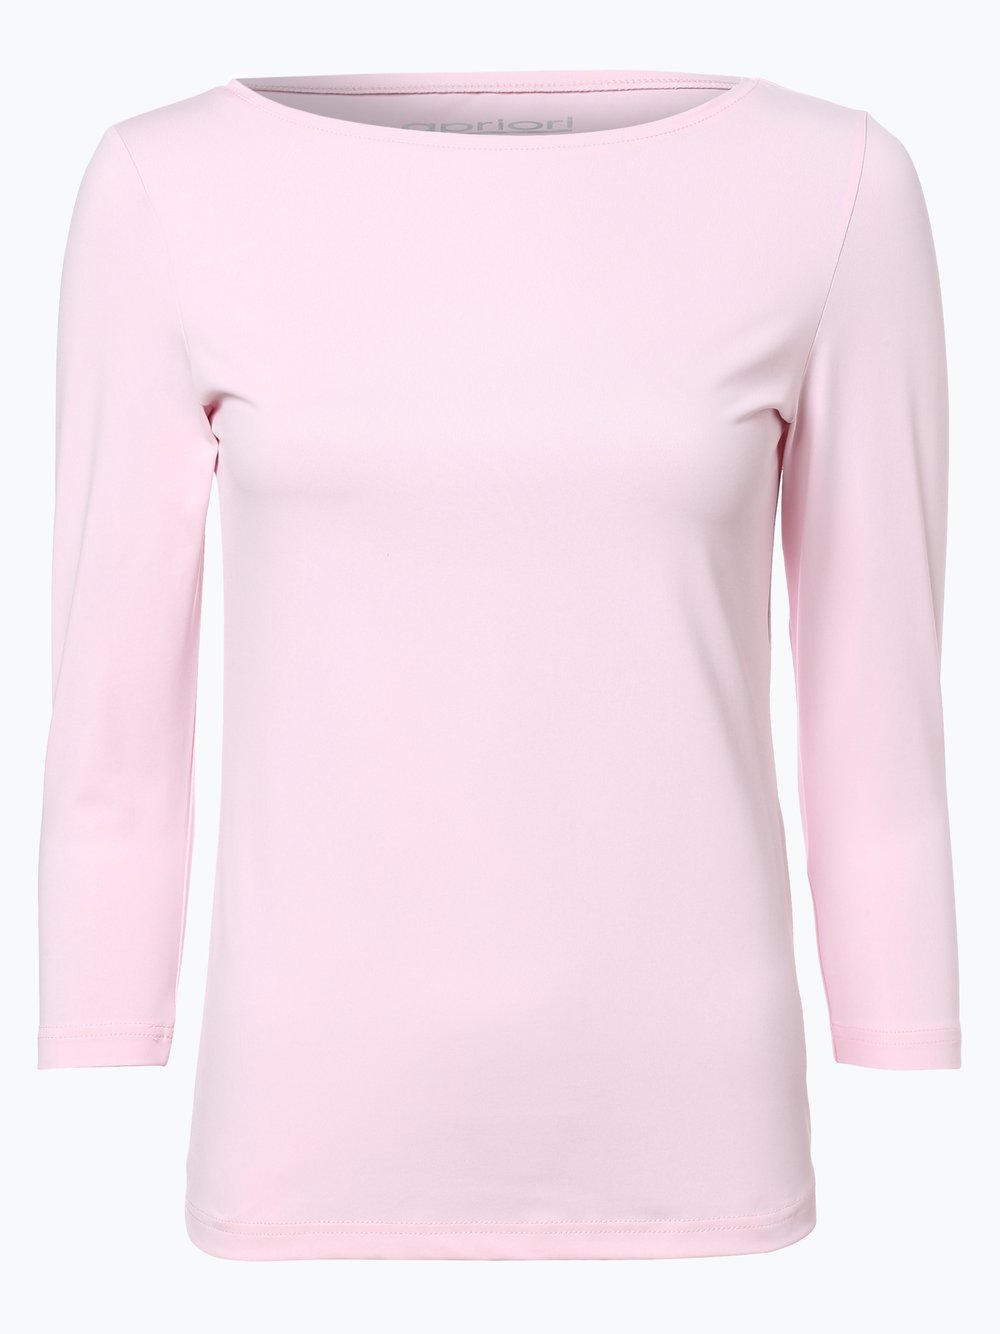 Apriori - Koszulka damska, różowy